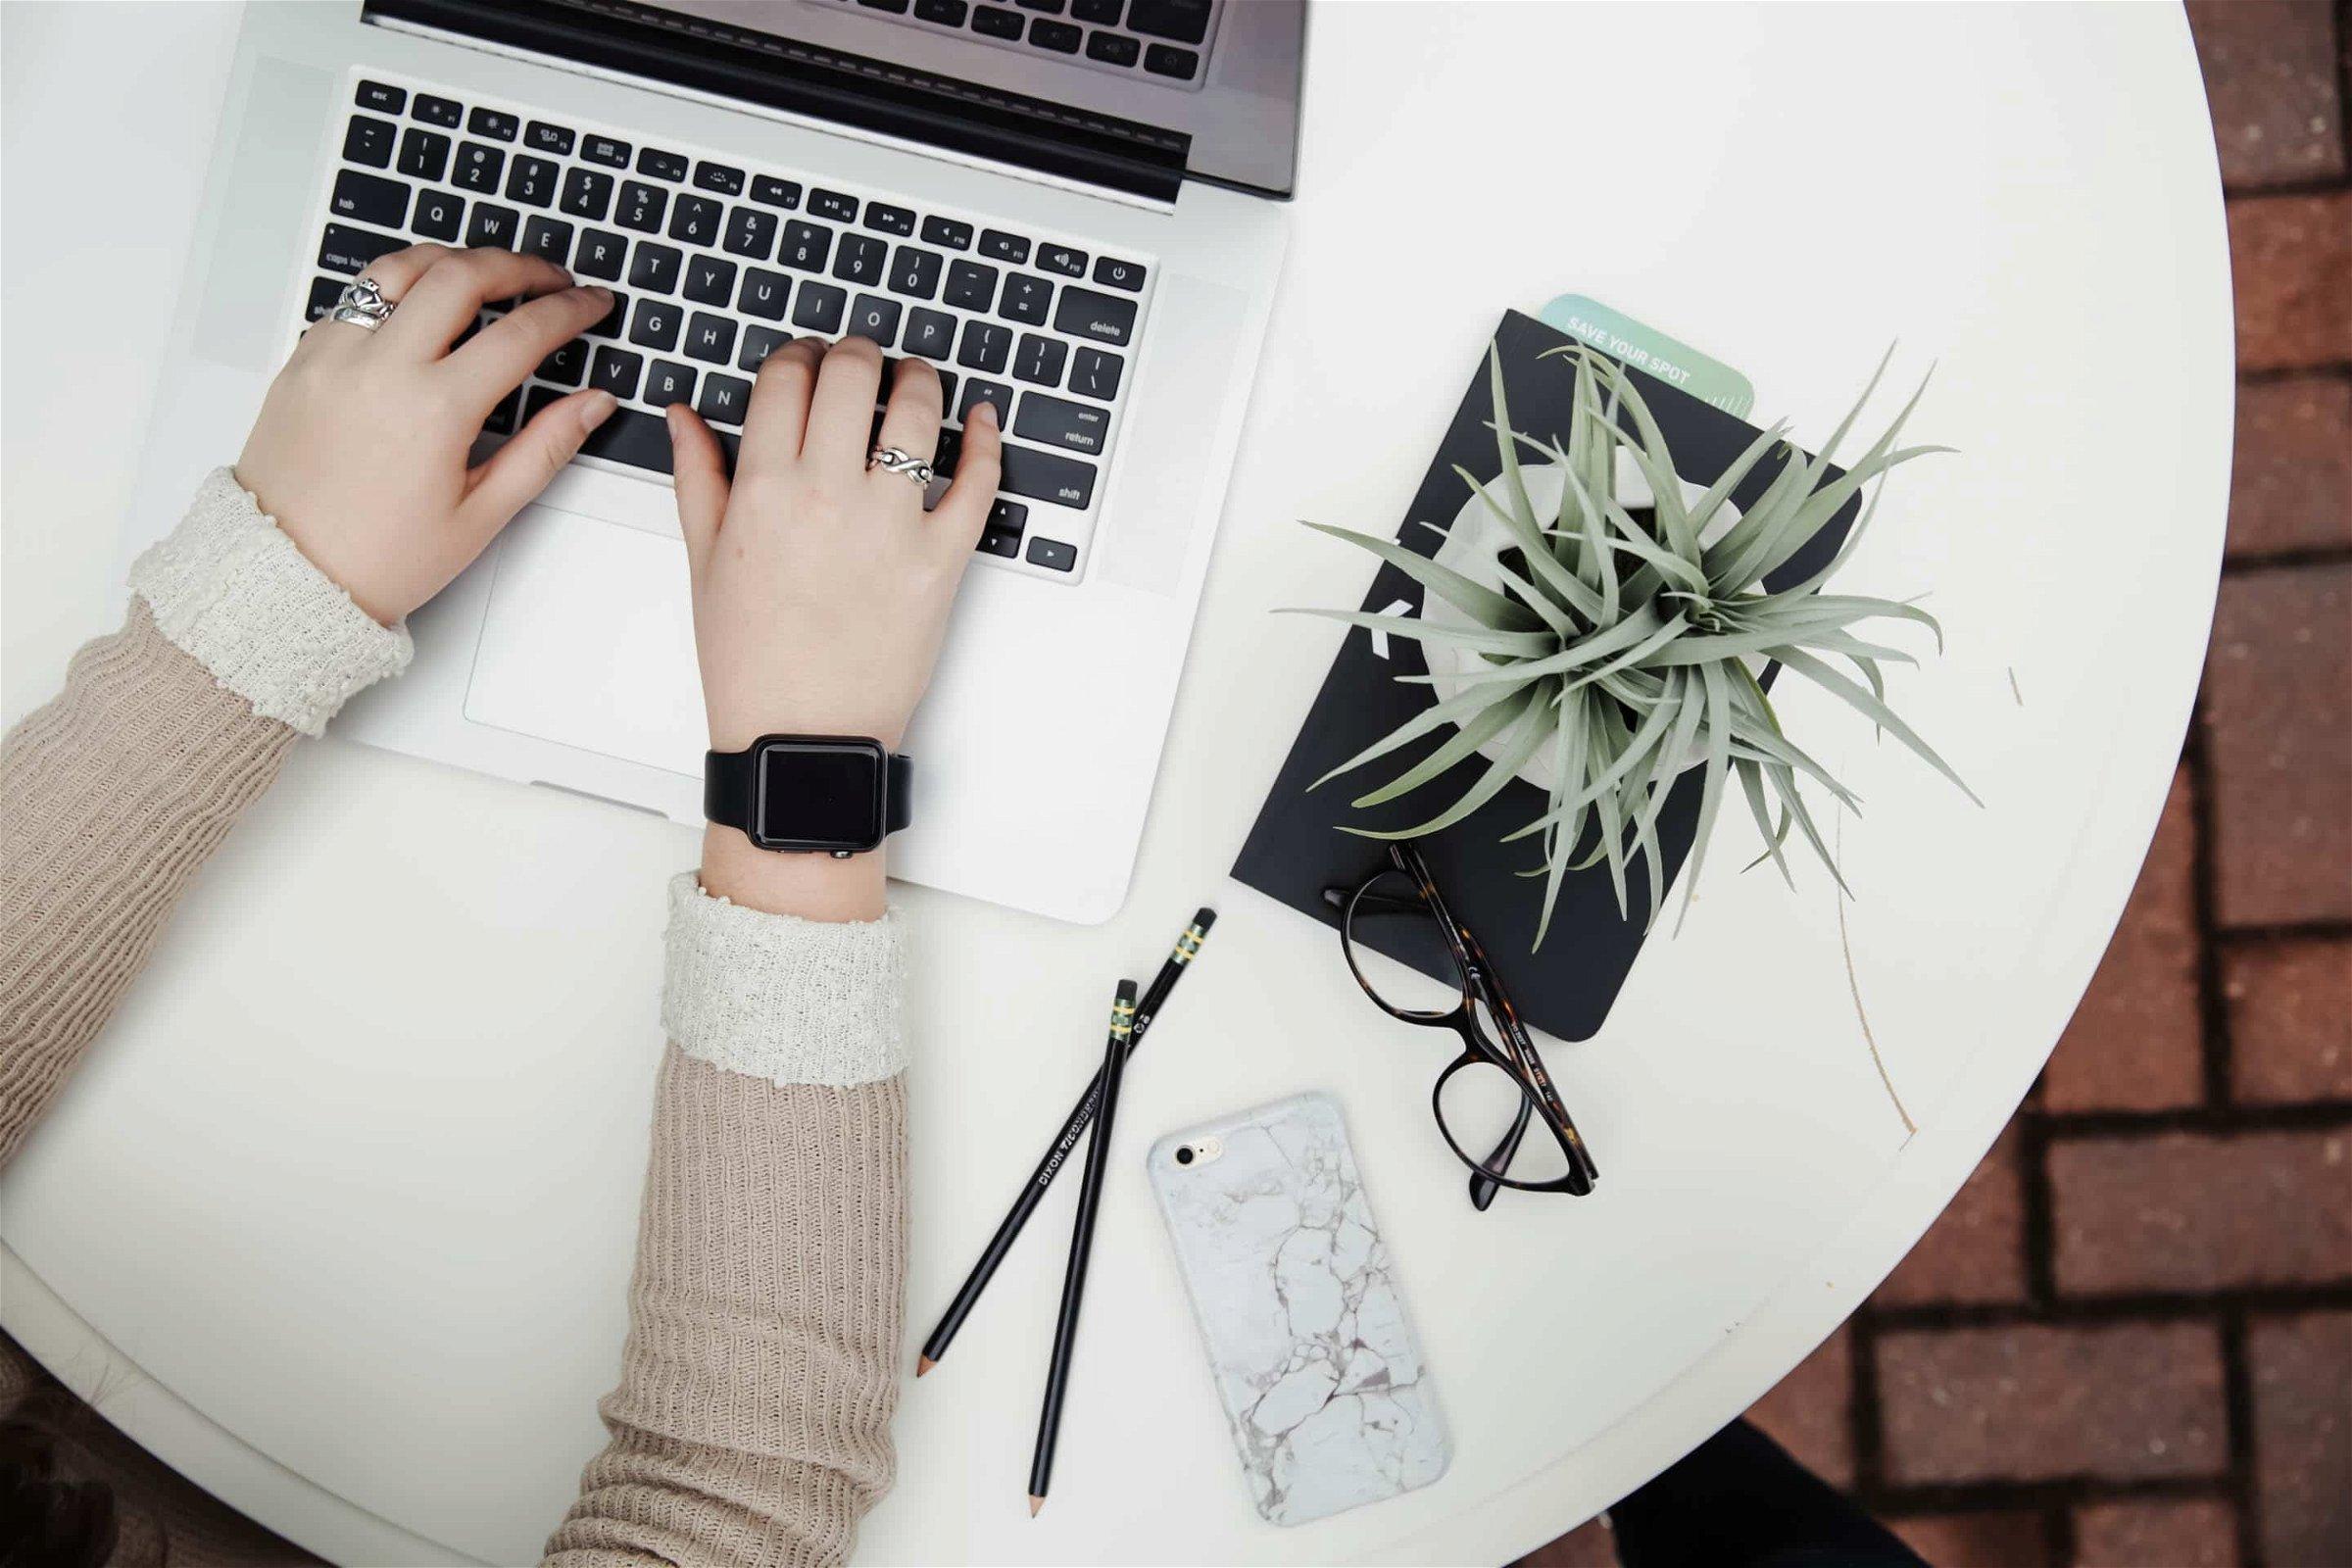 6 λόγοι για τους οποίους η επιχείρηση σας χρειάζεται ιστότοπο